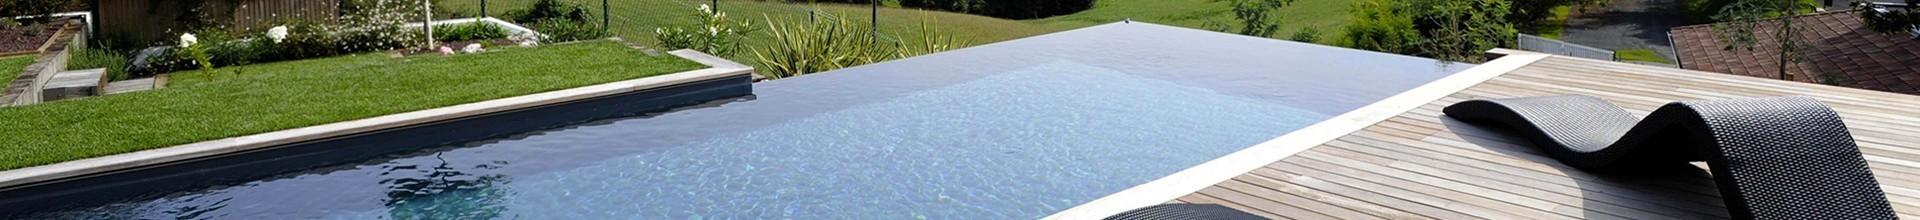 Direct usine, piscine coque prix Yonne